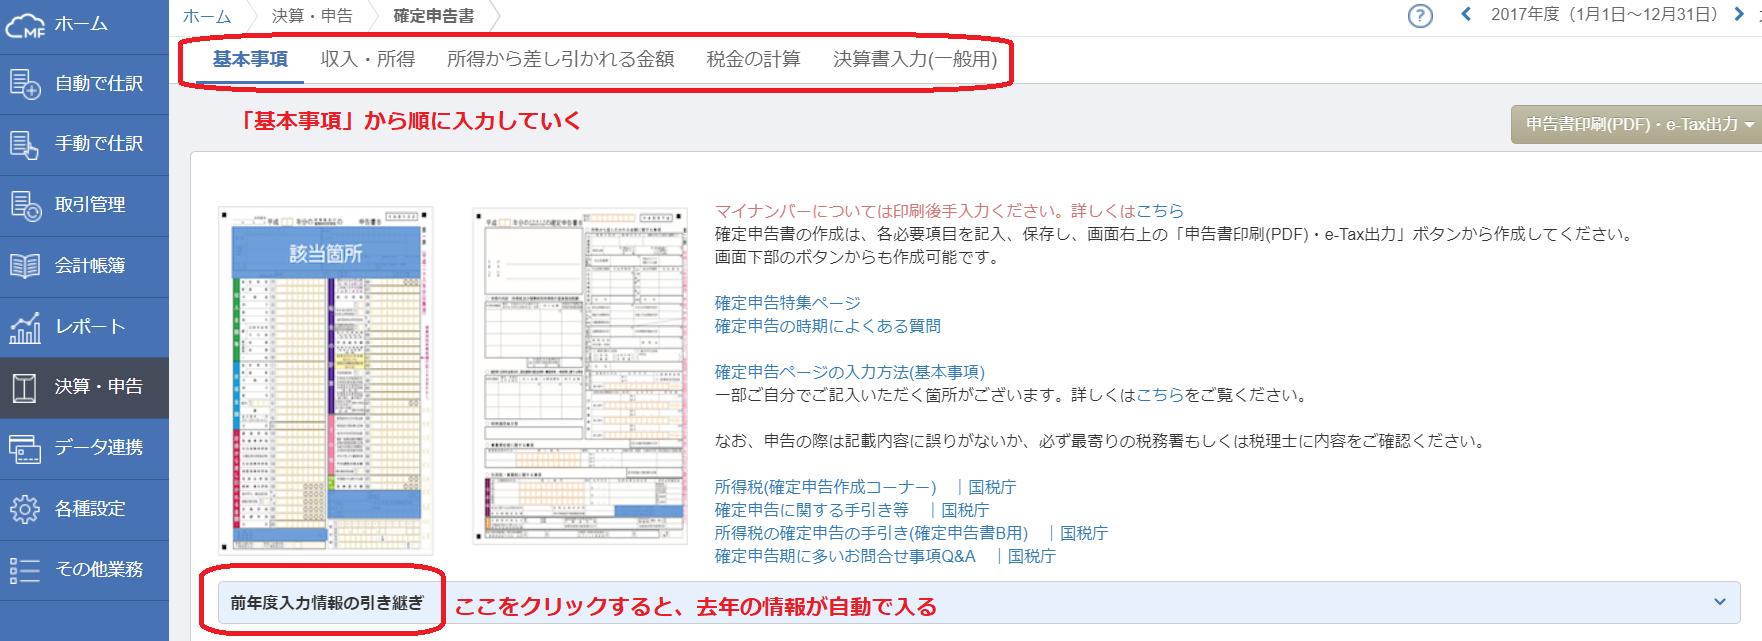 確定申告書のTOP画面